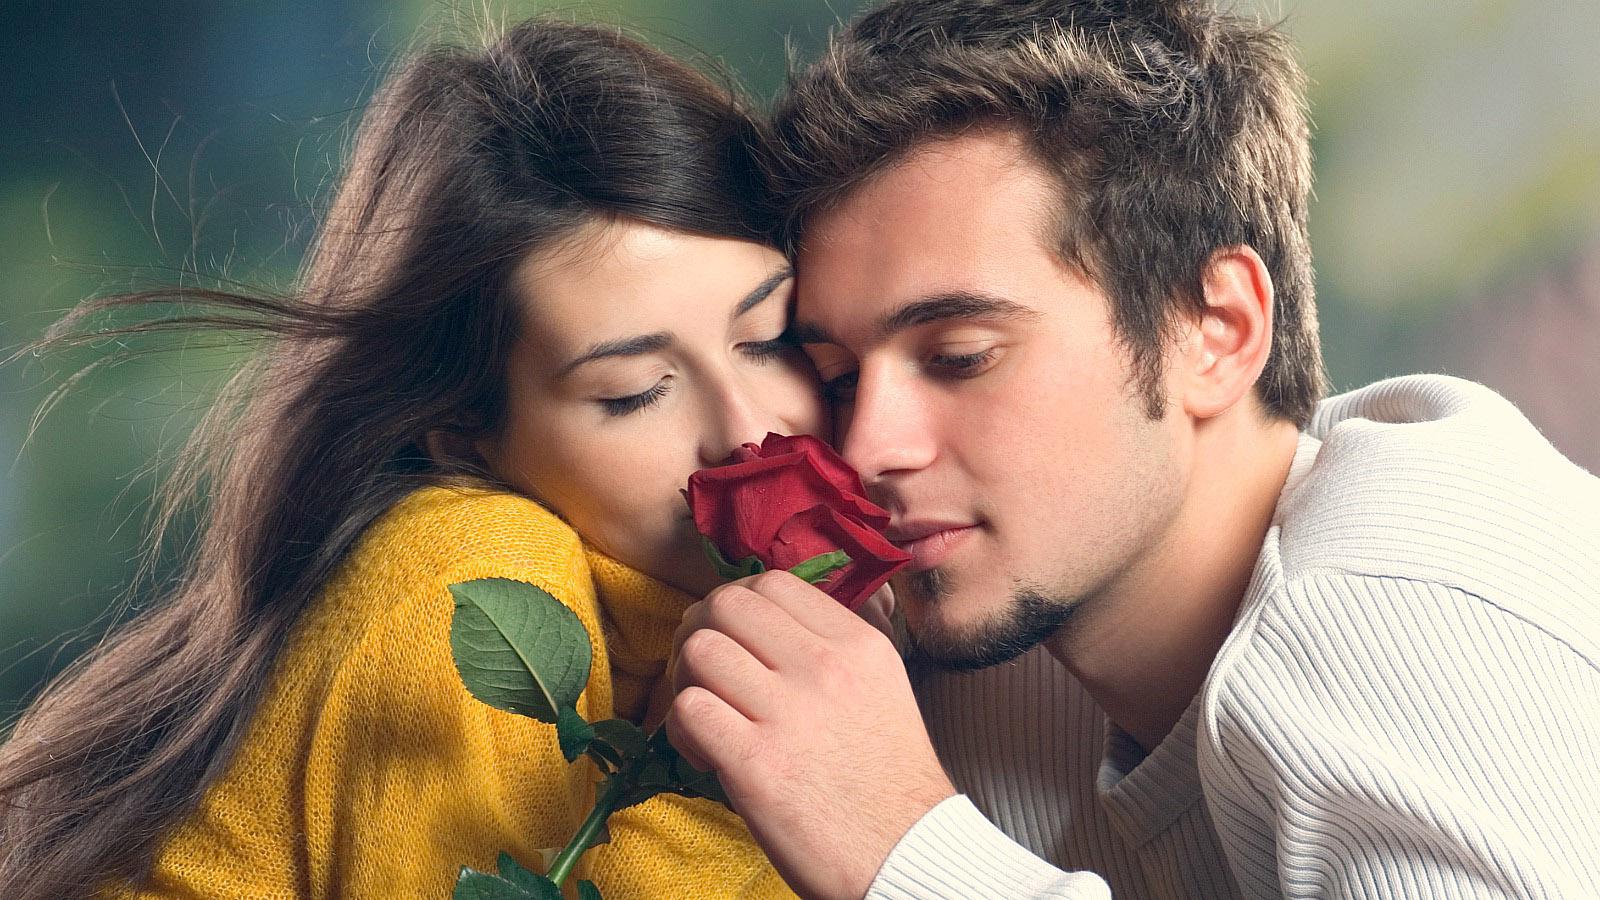 بالصور صور حب اجمل صور الحب والغرام صور رومانسية جديدة , خلفيات تعبر عن العشق 4362 4